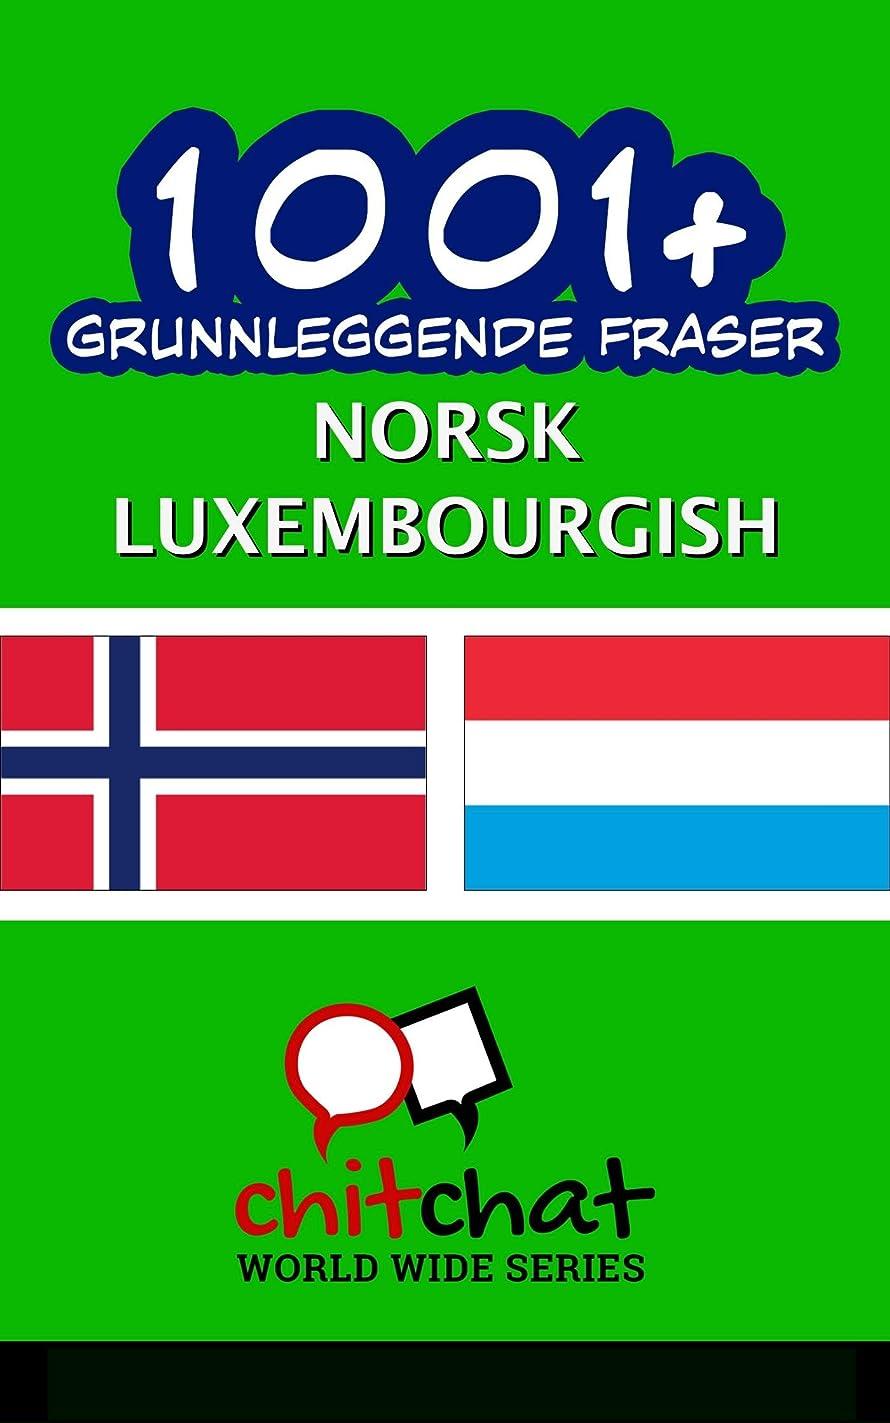 ニュージーランド弱まる前部1001+ grunnleggende fraser norsk - Luxembourgish (Norwegian Edition)